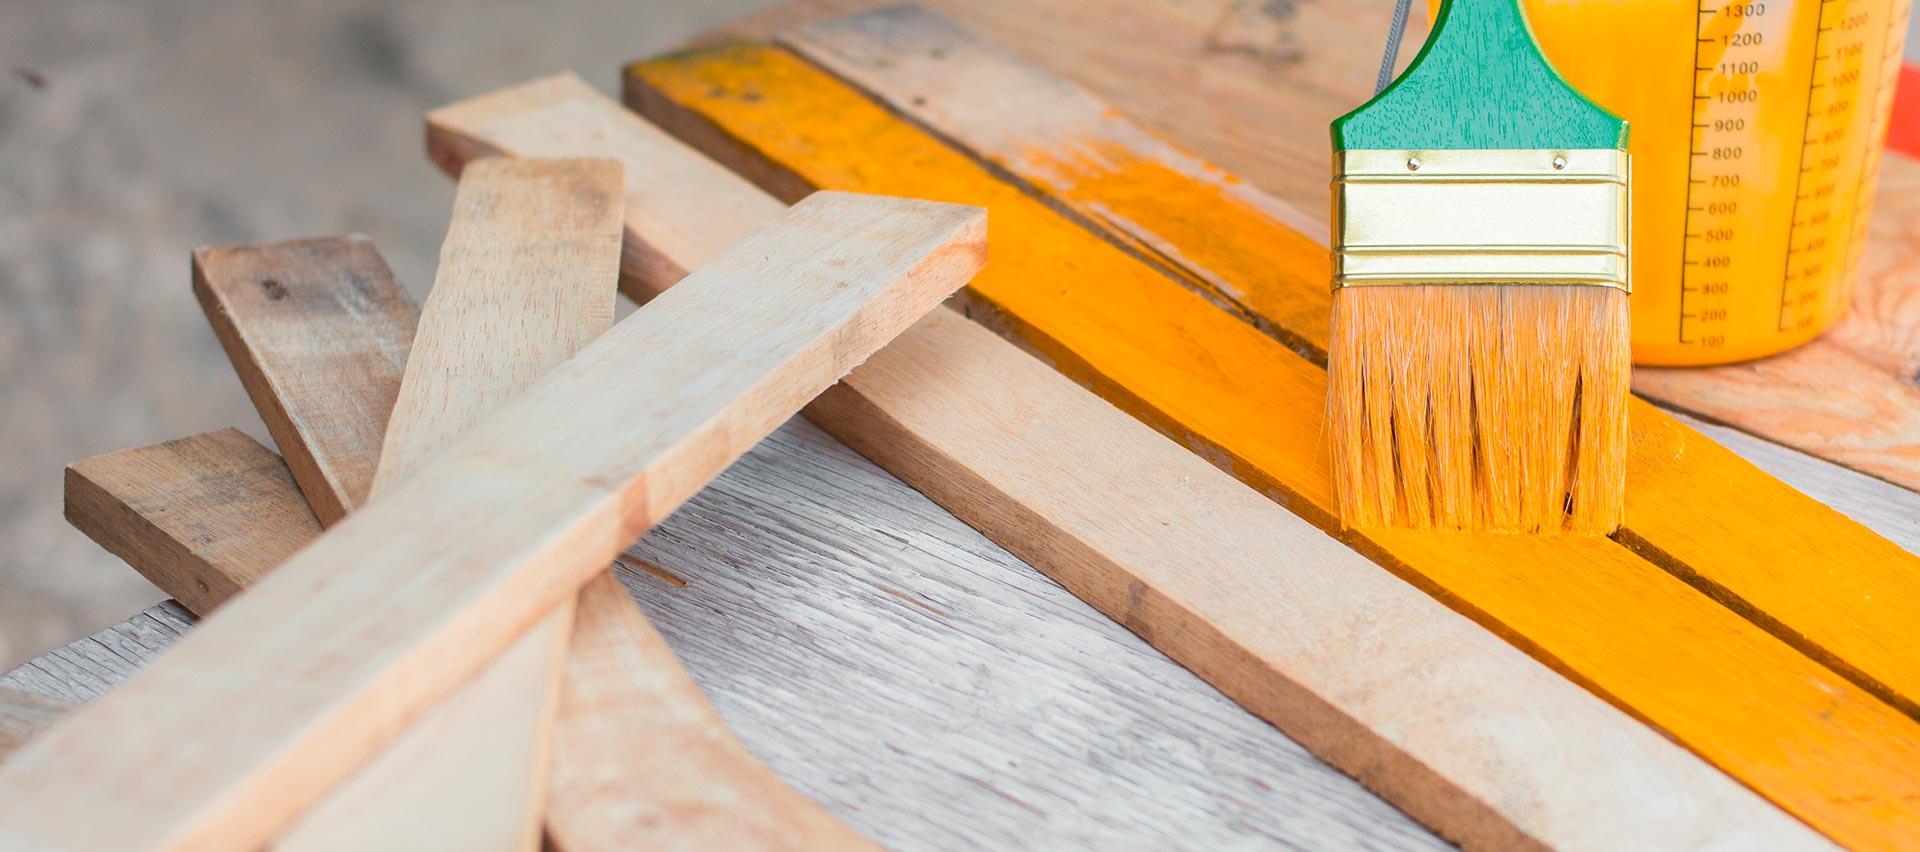 Holzschutz Holzlatten von Holz-Hauff in Leingarten